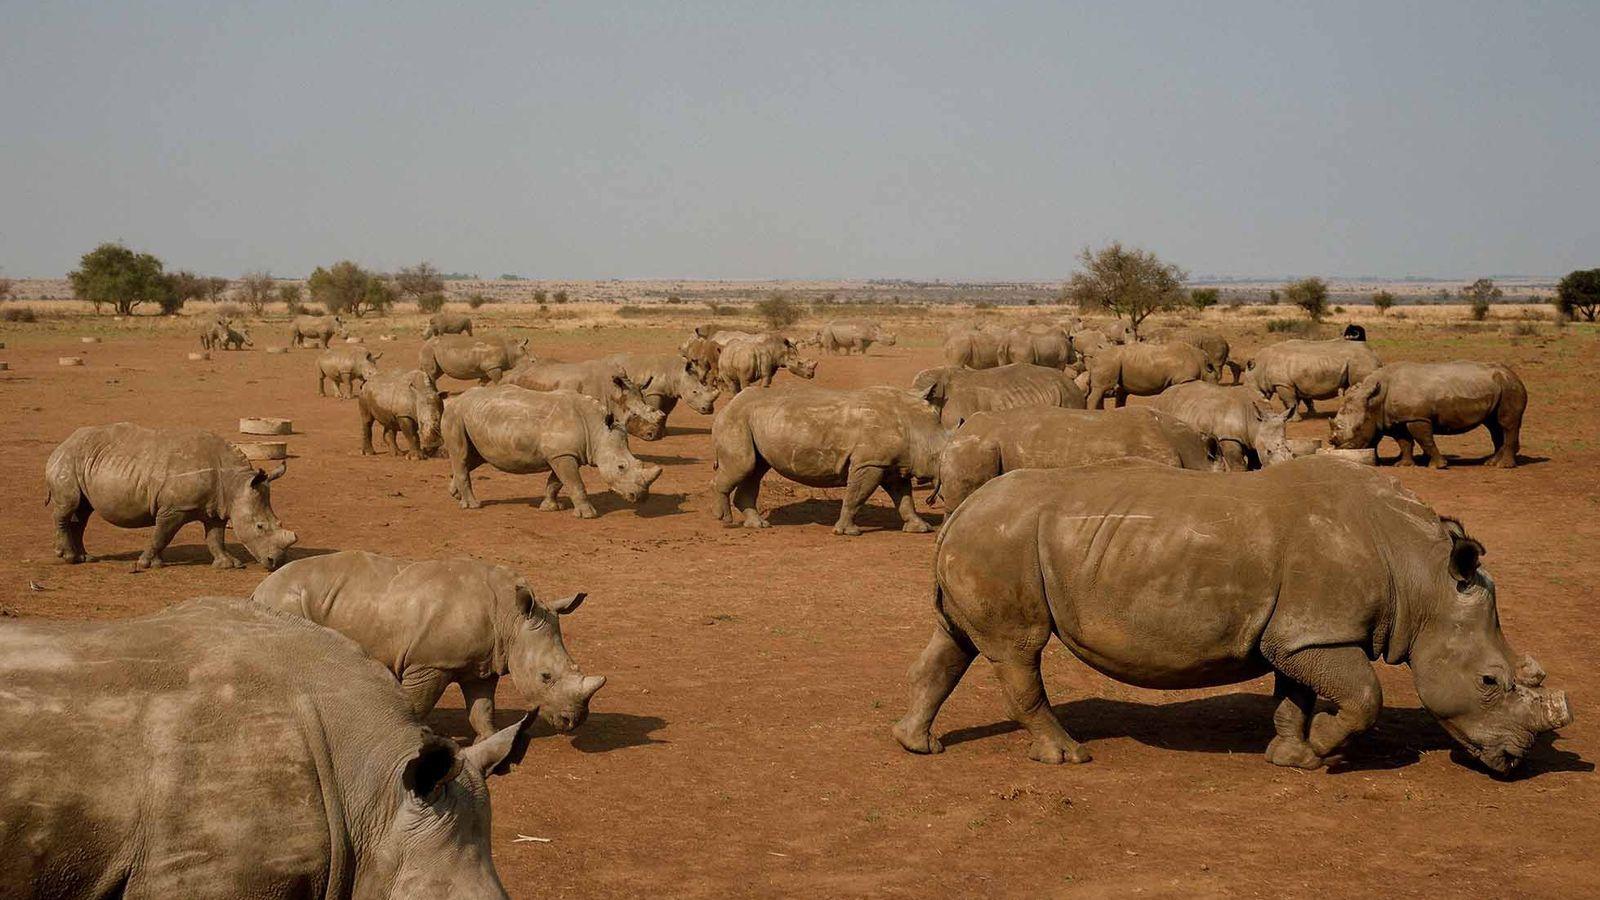 fazenda-de-rinocerontes